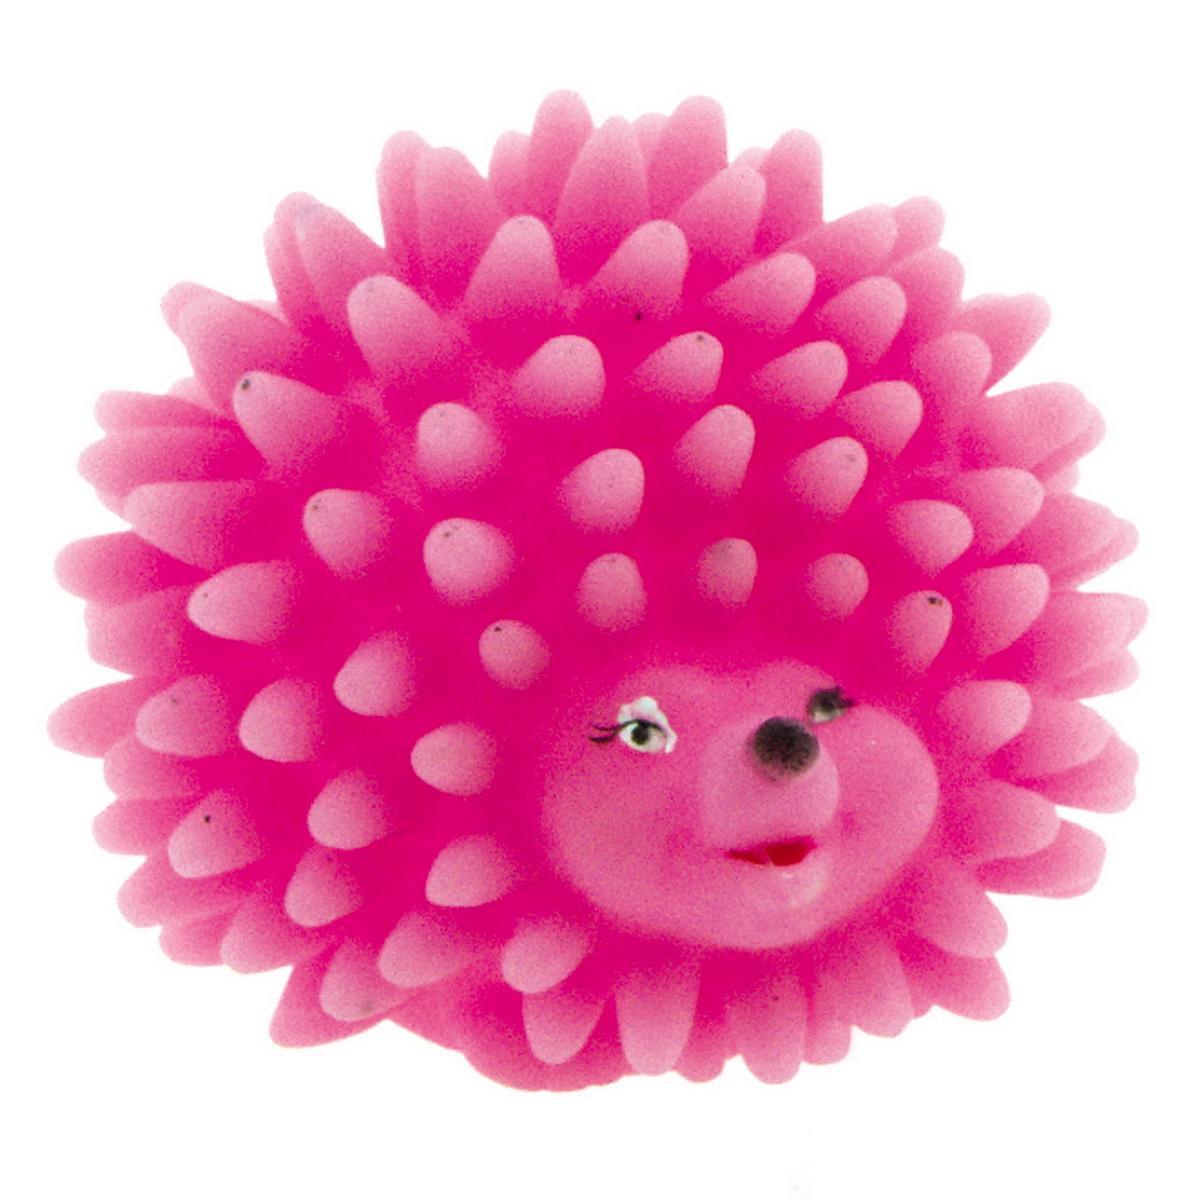 Игрушка для собак Dezzie Мяч. Розовый ежик, цвет: розовый, 8,8 х 8 см0120710Игрушка для собак Dezzie Мяч. Розовый ежик из винила практична, функциональна и совершенно безопасна для здоровья животного. Ее легко мыть и дезинфицировать. Такая игрушка очень легкая, поэтому собаке совсем нетрудно брать ее в пасть и переносить с места на место. Игрушка из винила станет прекрасным подарком для неугомонного четвероногого питомца.Размер игрушки: 8,8 х 8 см.